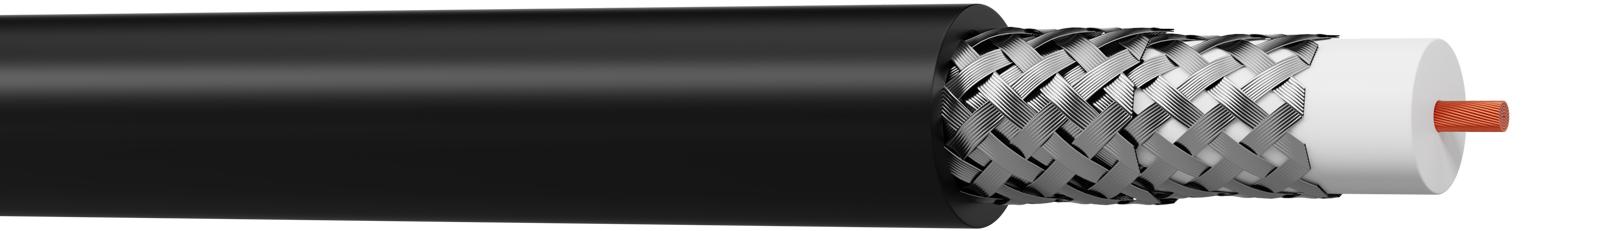 câble UHD08370ULTRA